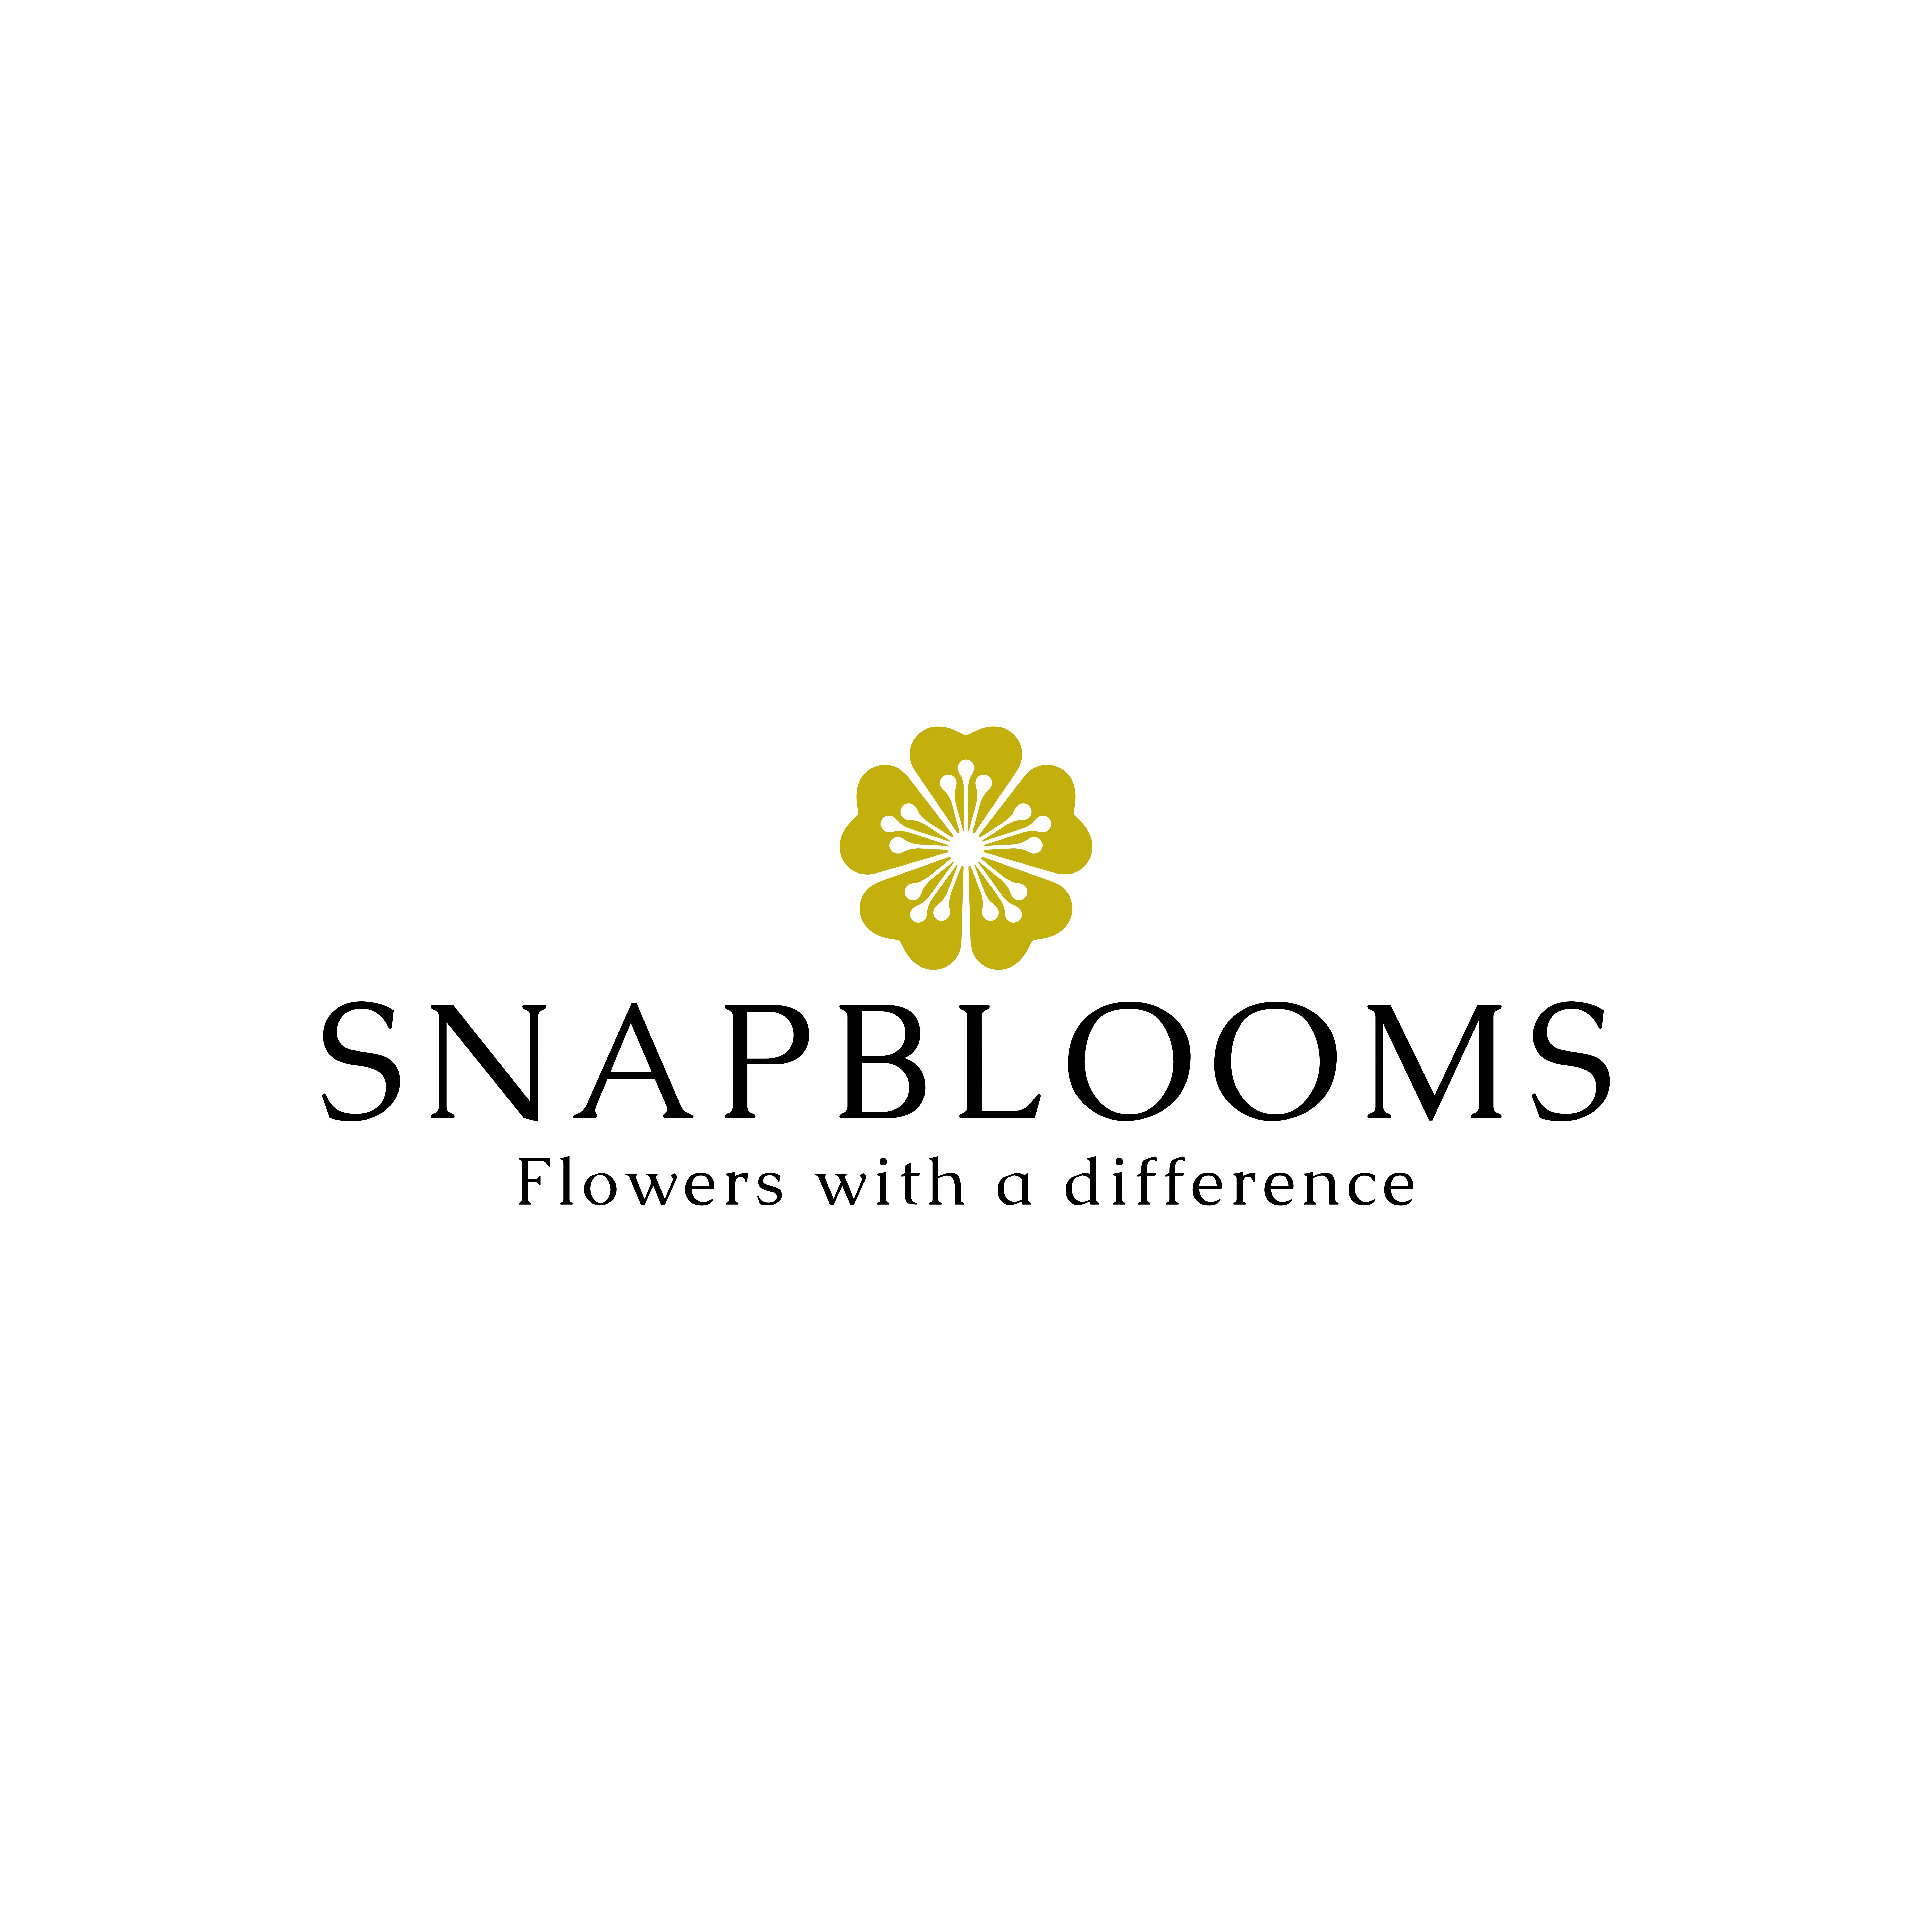 SnapBlooms